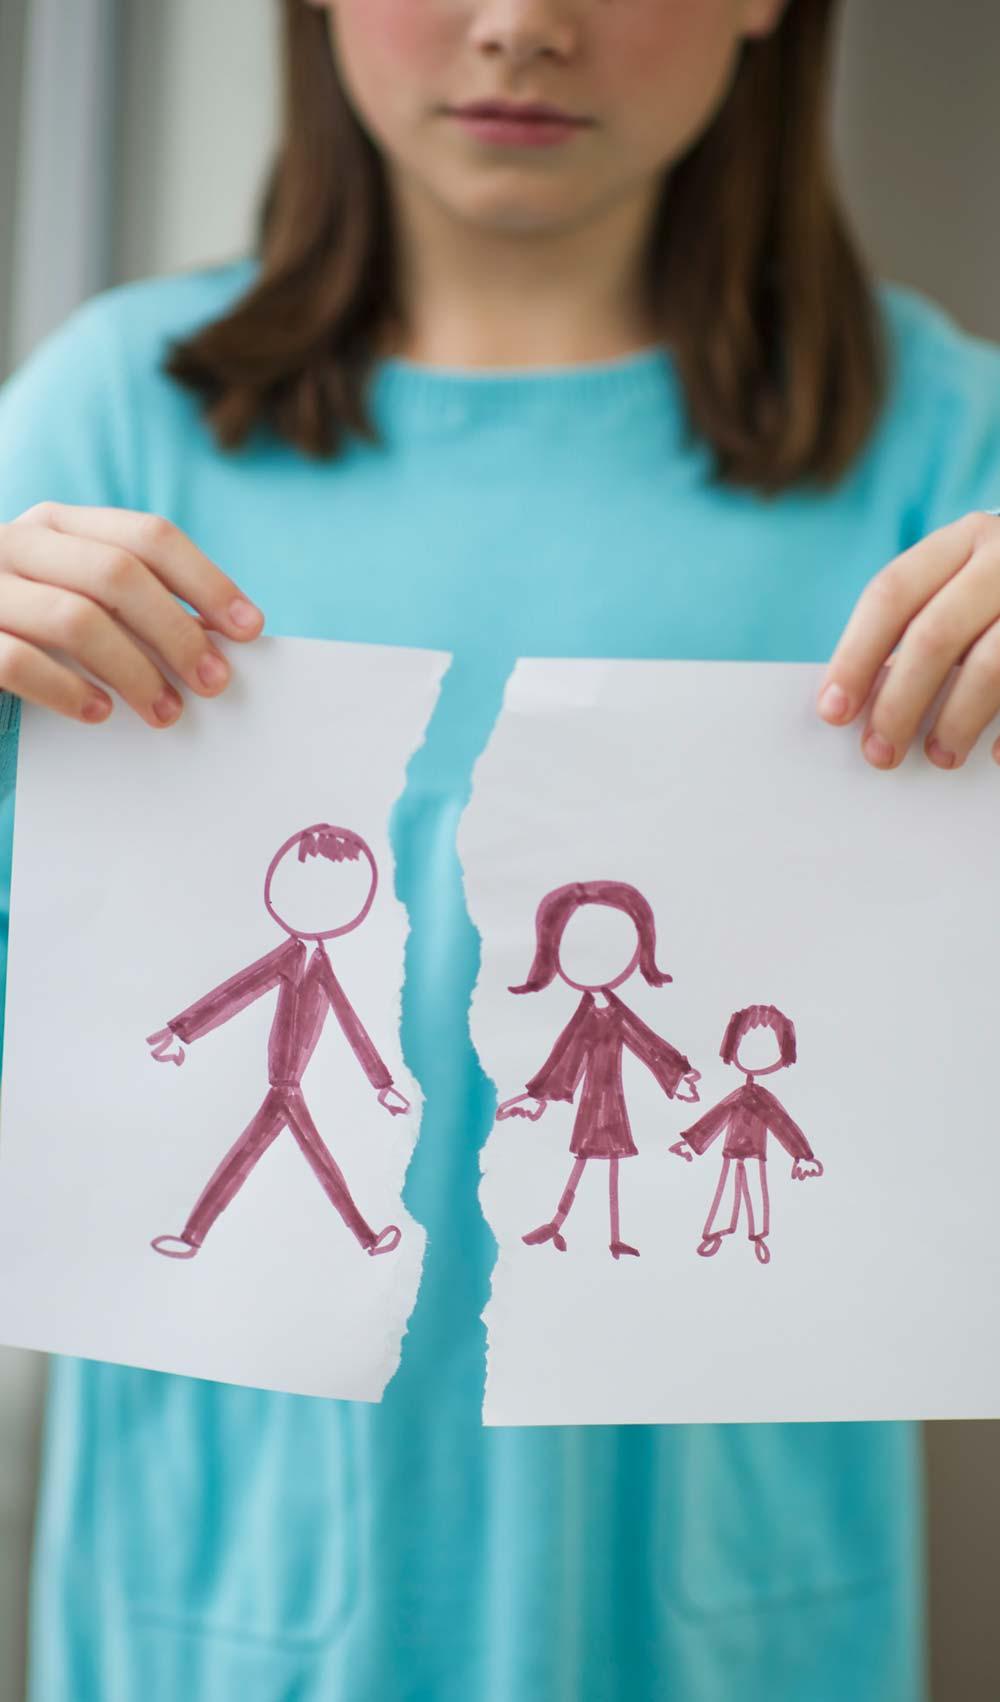 کودکان و طلاق: کمک به کودکان پس از جدایی